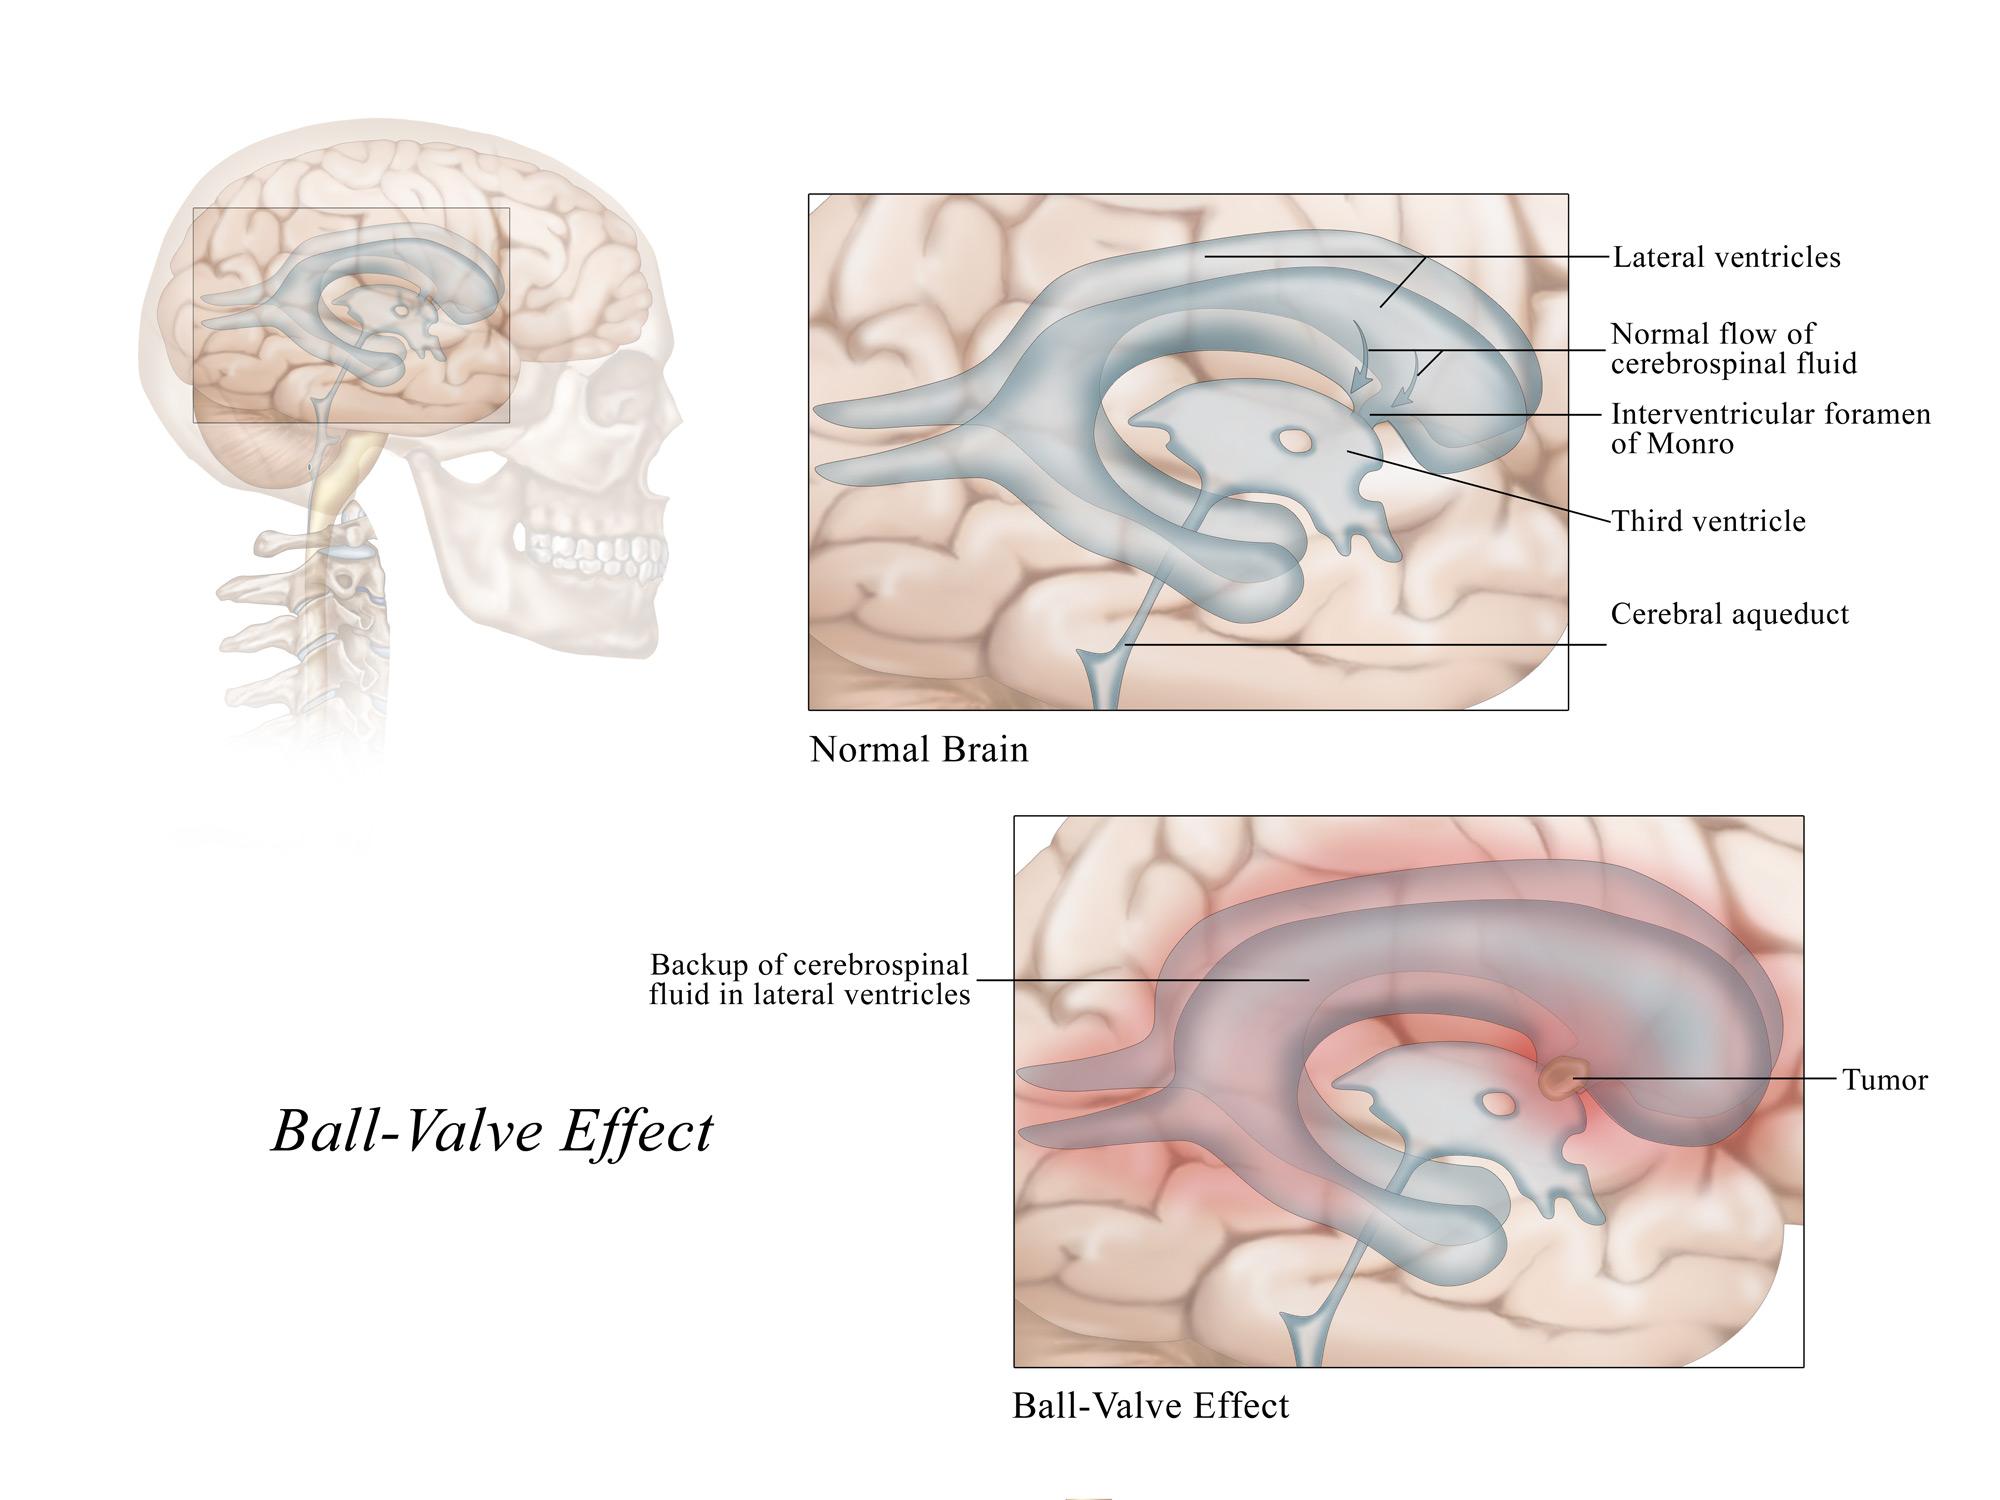 Ball-Valve Effect